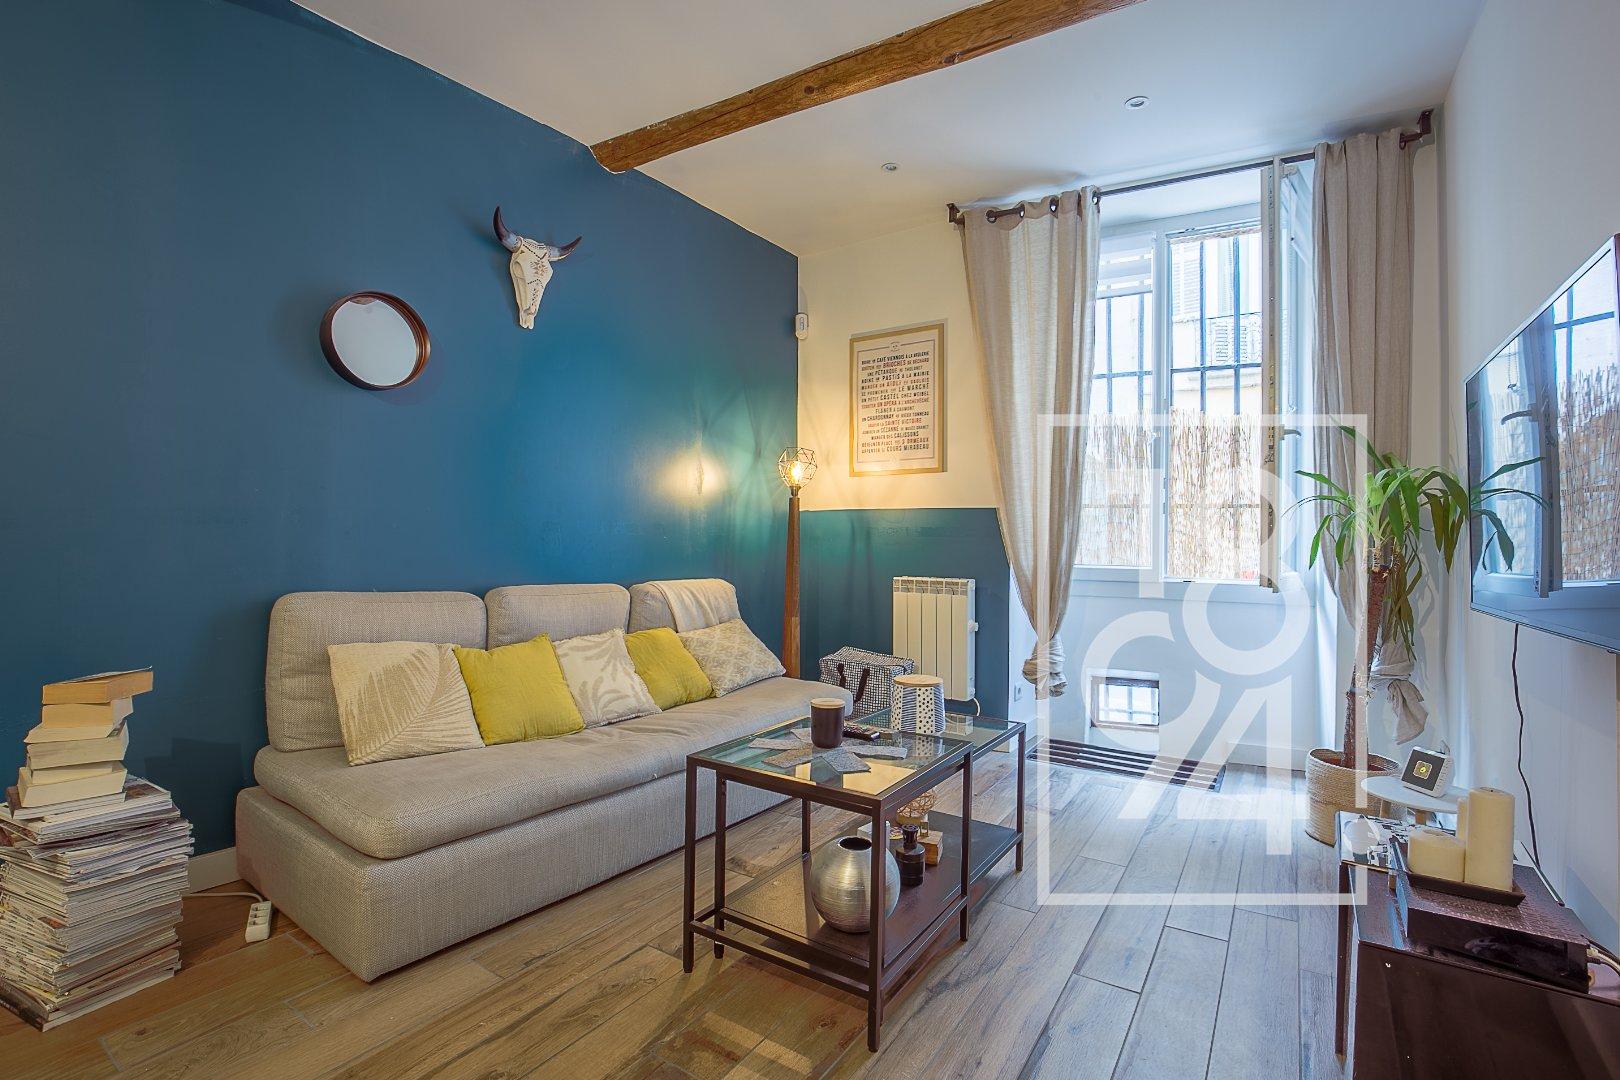 Appartement de 25m2 rénové dans un quartier prisé du Centre ville d'Aix